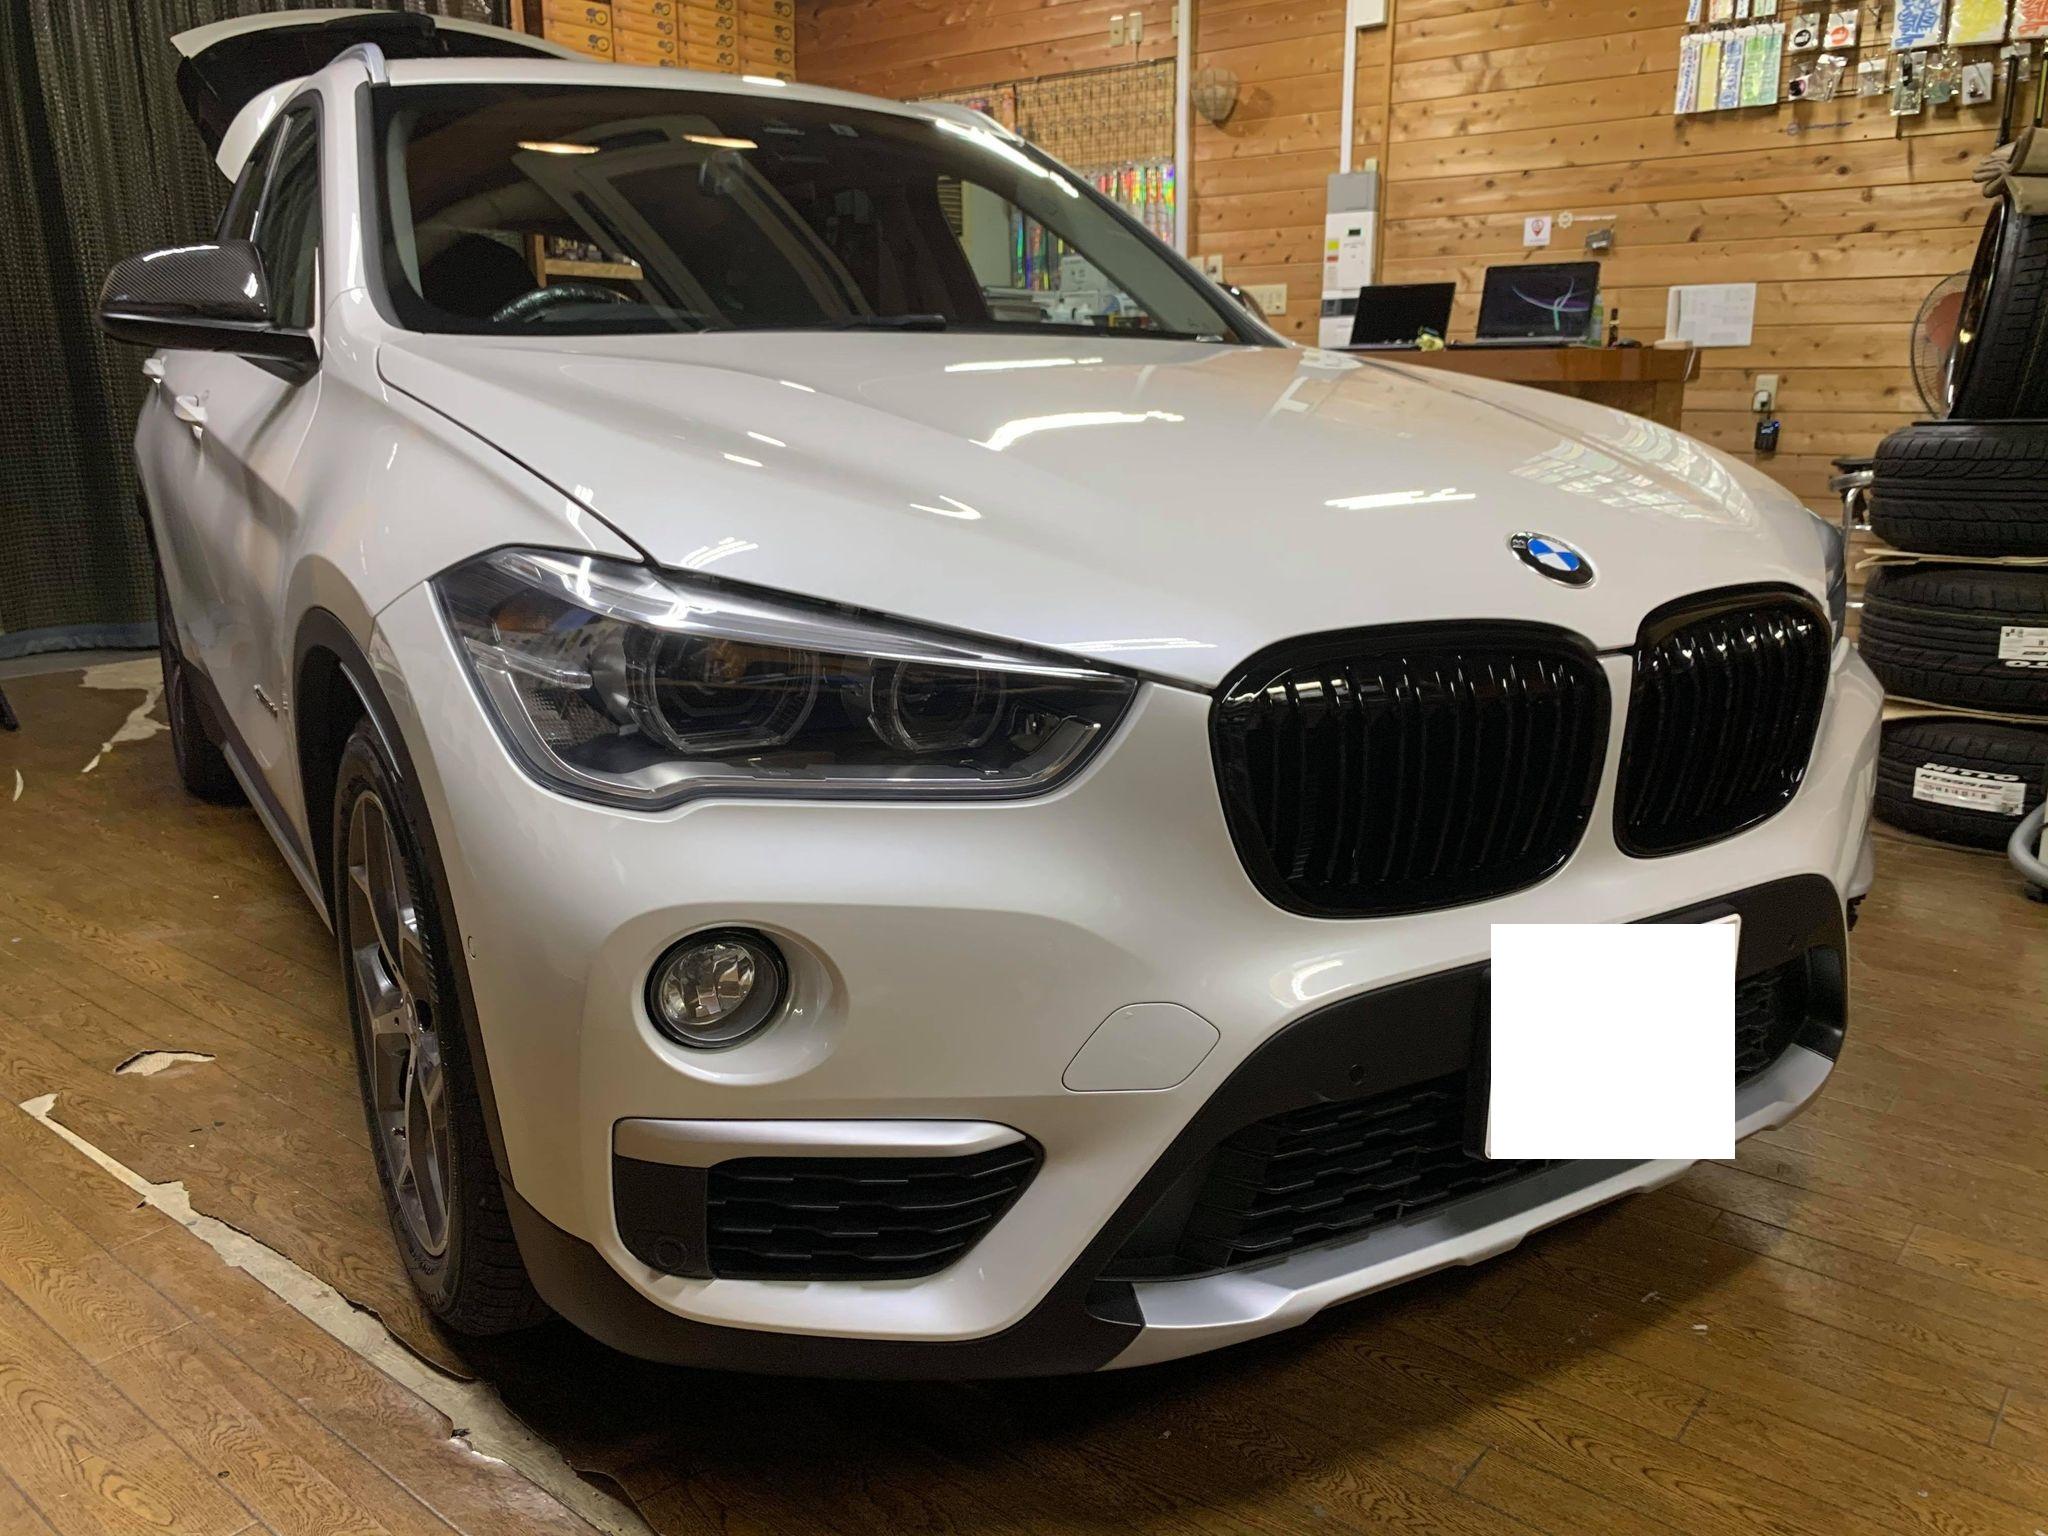 キリッと男前に!BMW X1 F48にヘッドライト&テールライトにスモークフィルム施工!ドラレコも搭載!